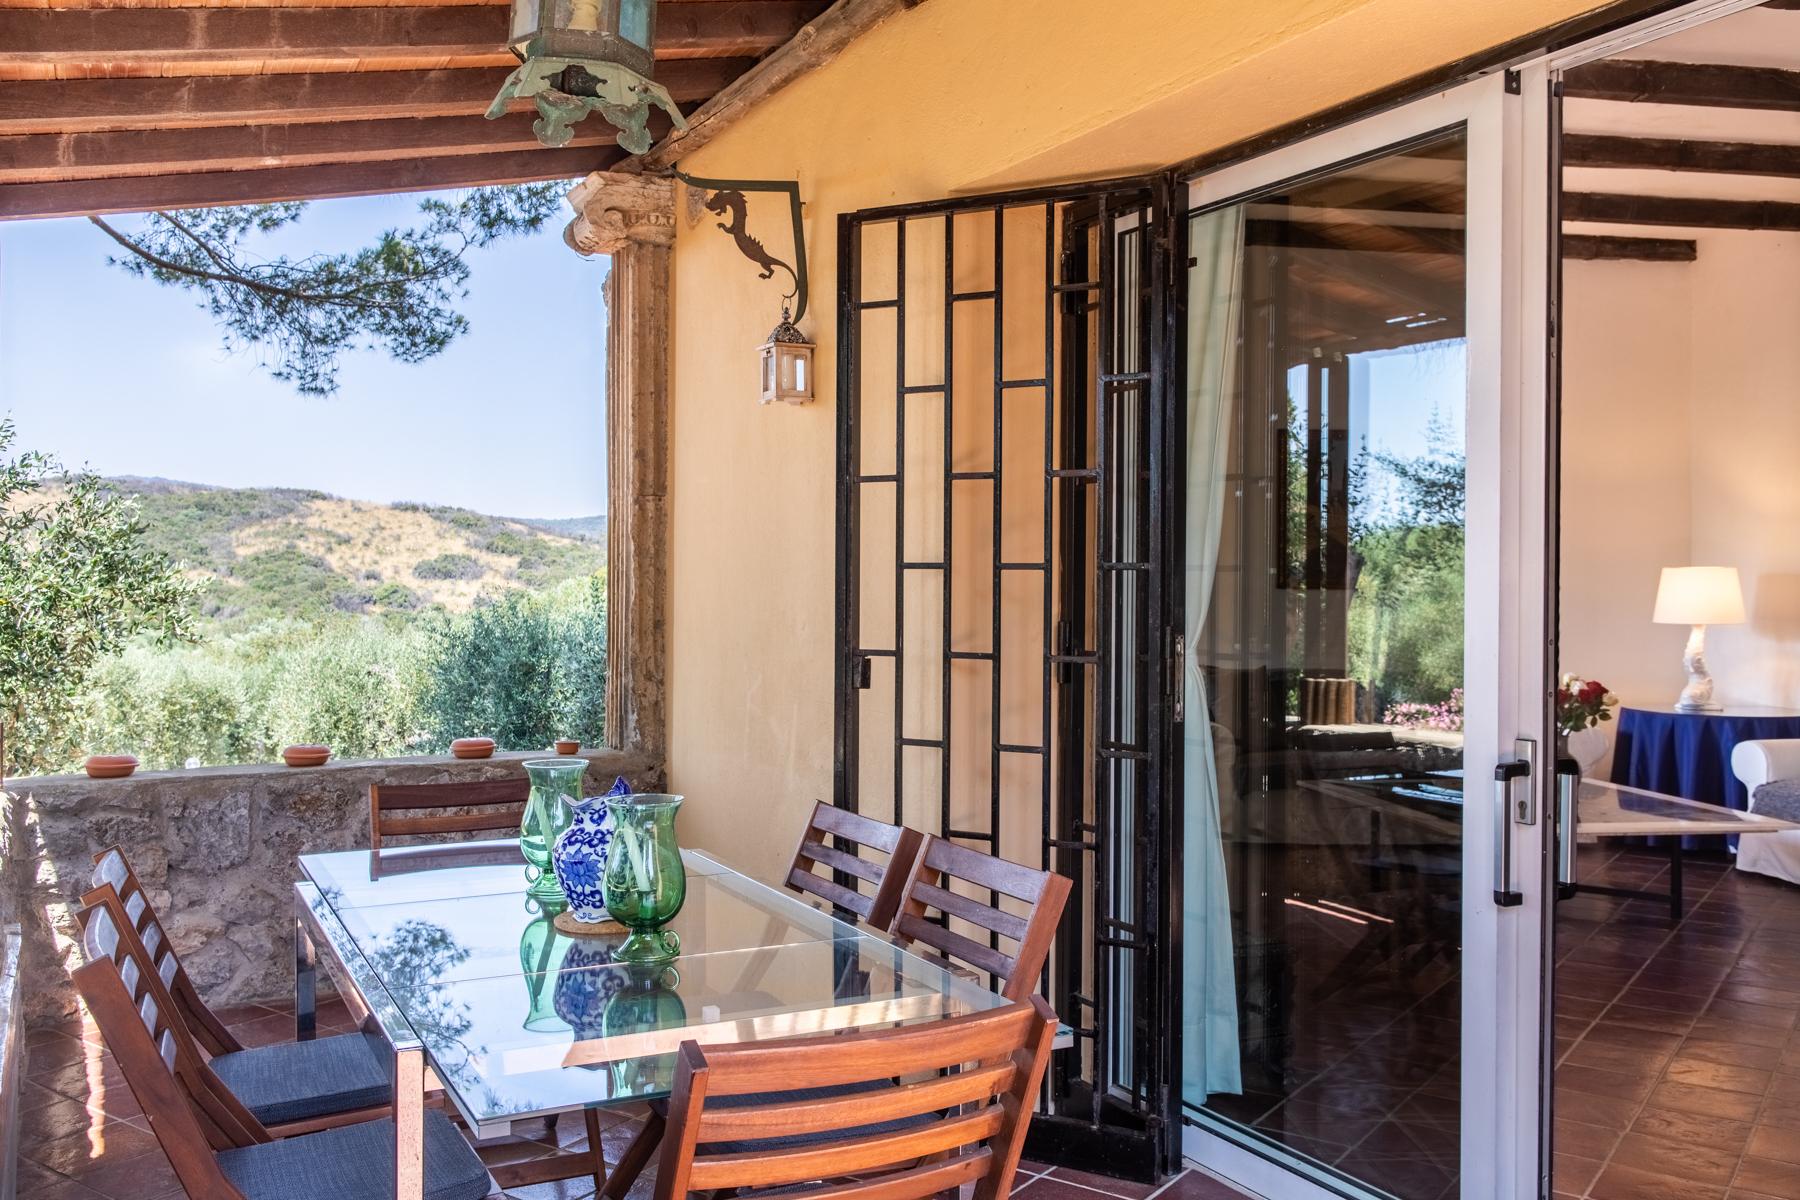 Villa in Vendita a Orbetello: 5 locali, 240 mq - Foto 8